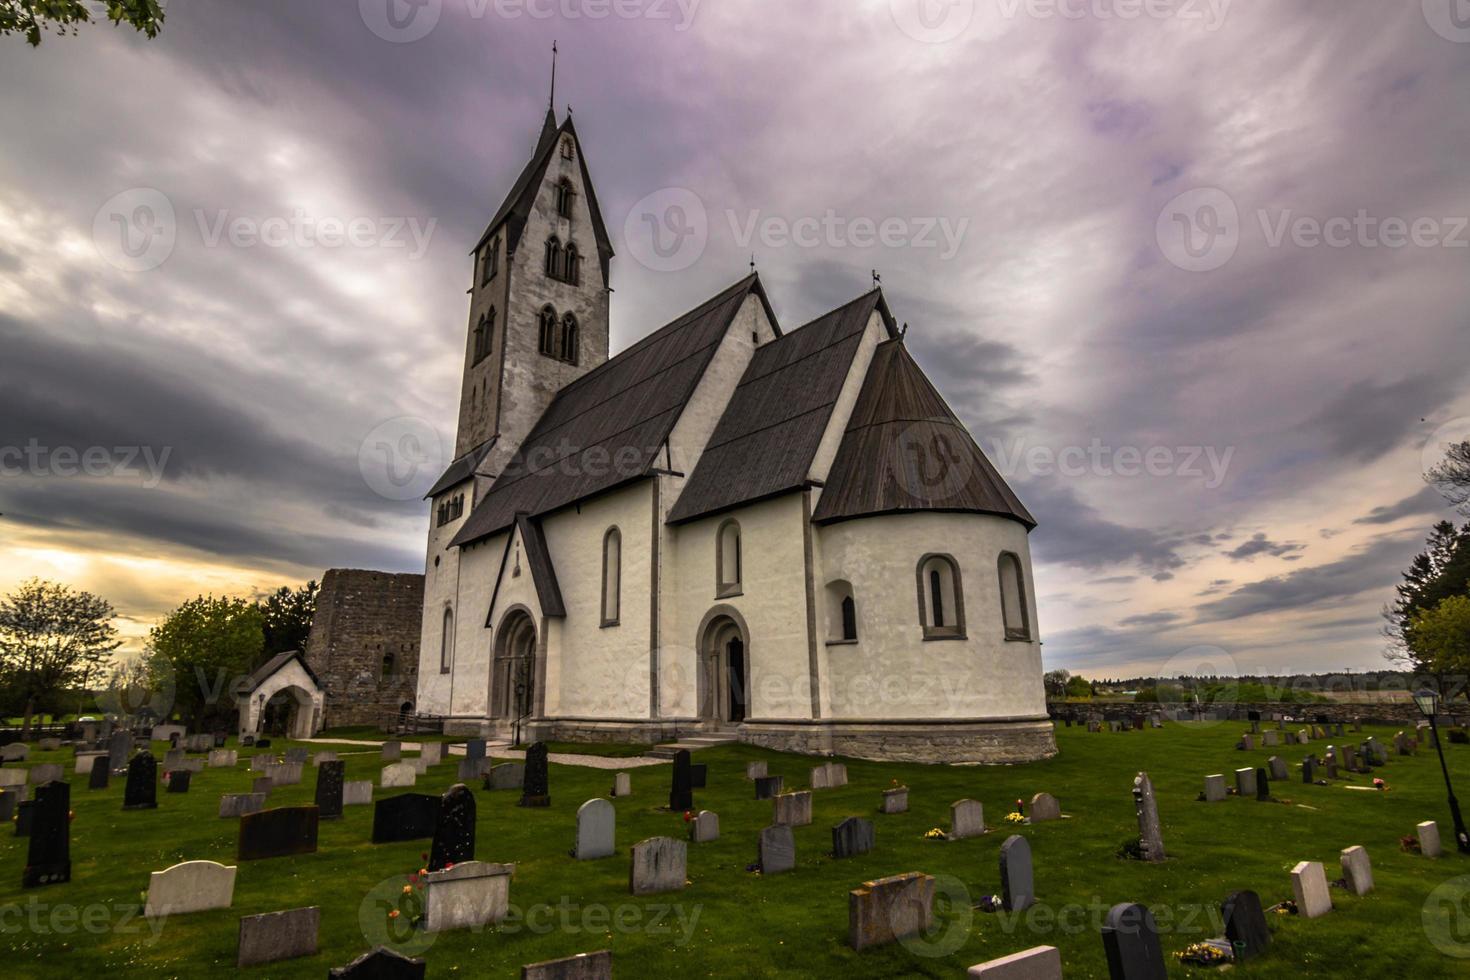 Kirche von Gothem in Gotland, Schweden foto